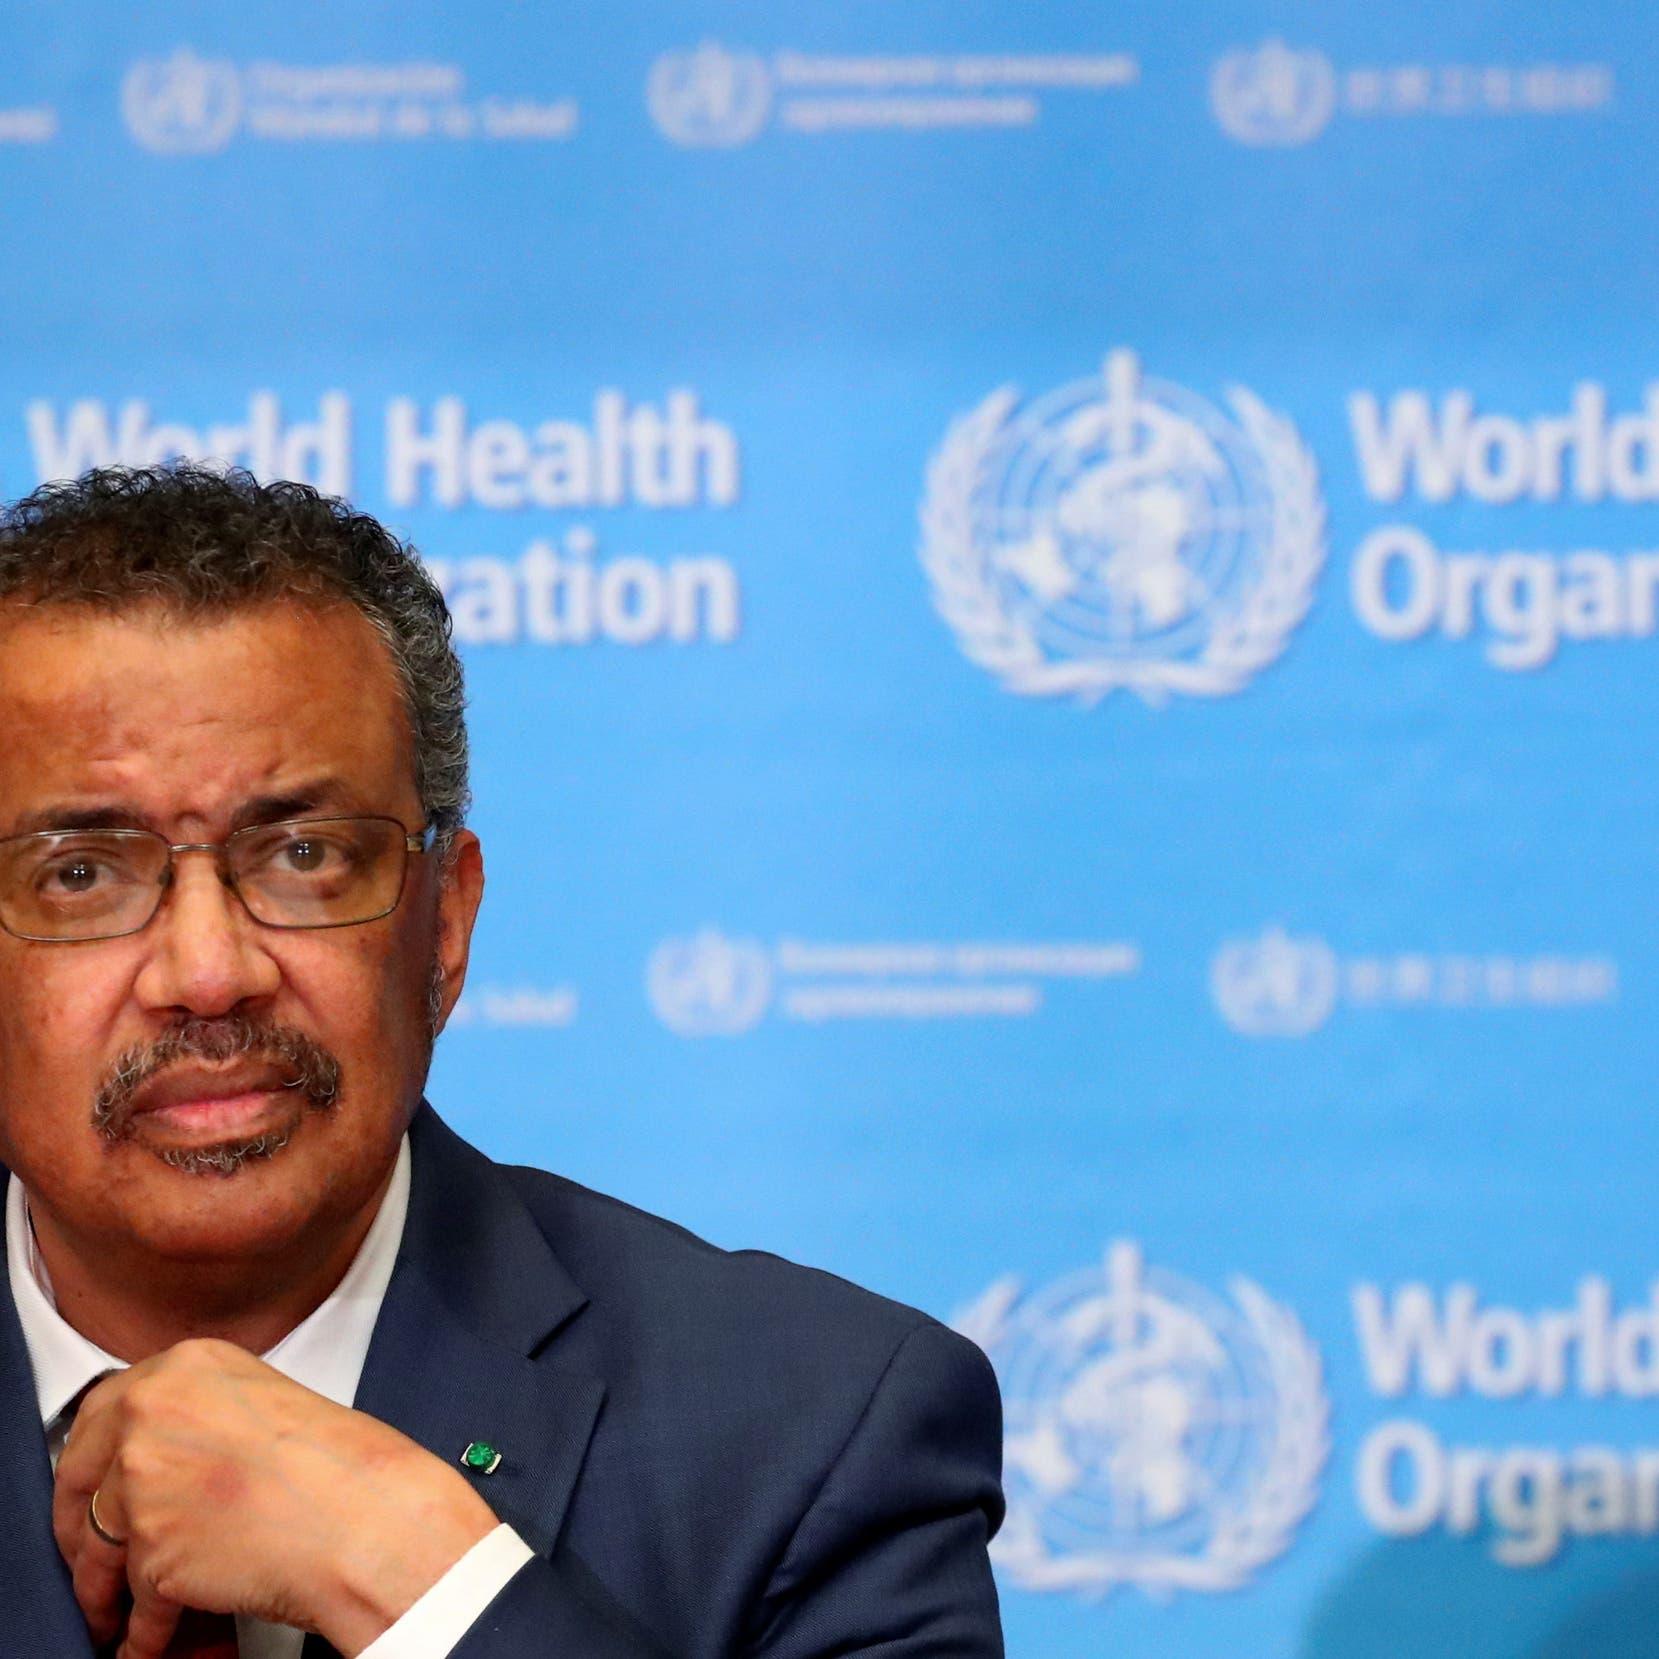 """الصحة العالمية تحذر من عودة """"قاتلة"""" للوباء في حال رفع العزل"""